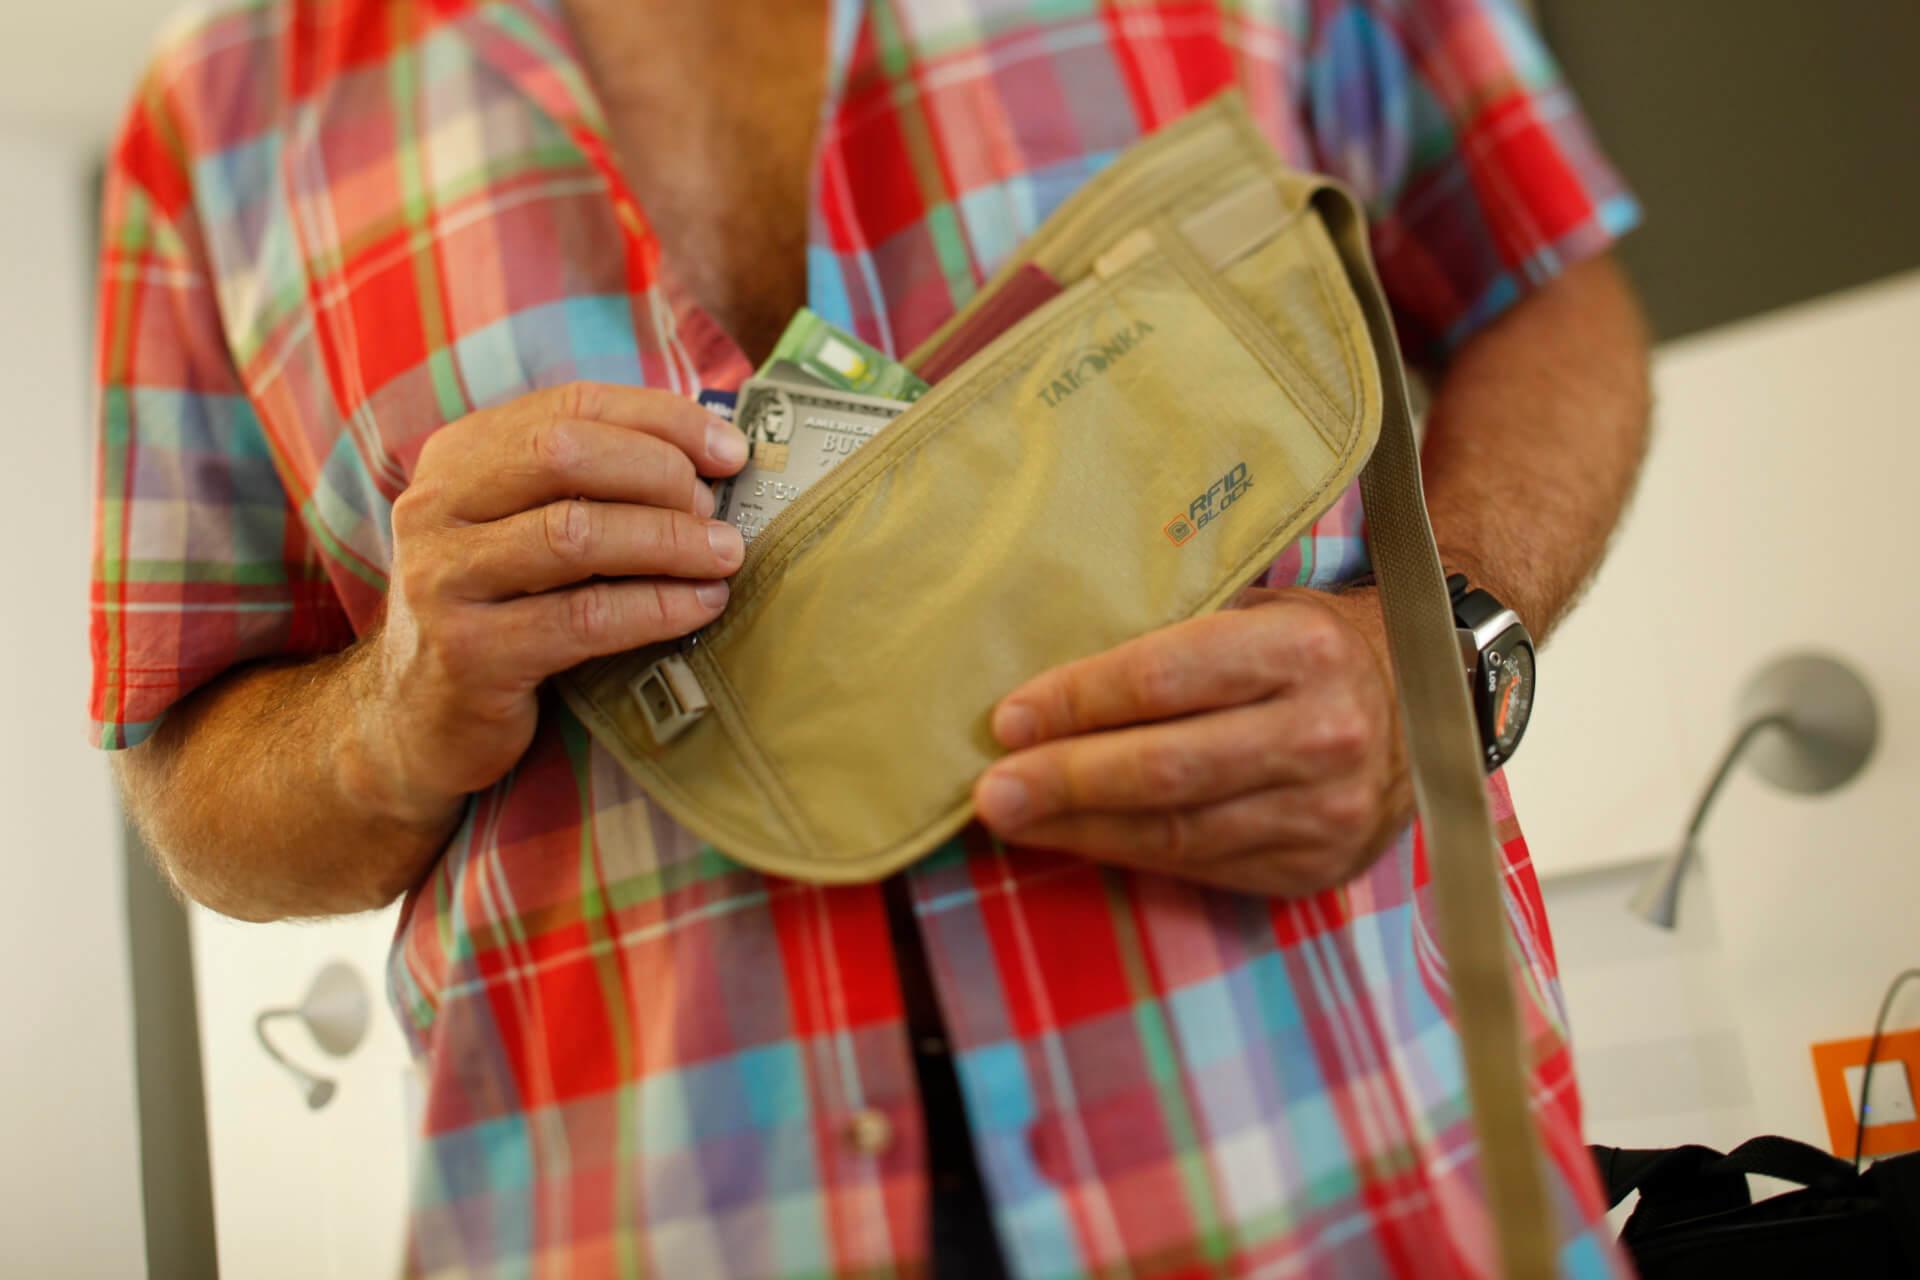 Ein flacher Bauchgürtel dient der Sicherheit auf Reisen.